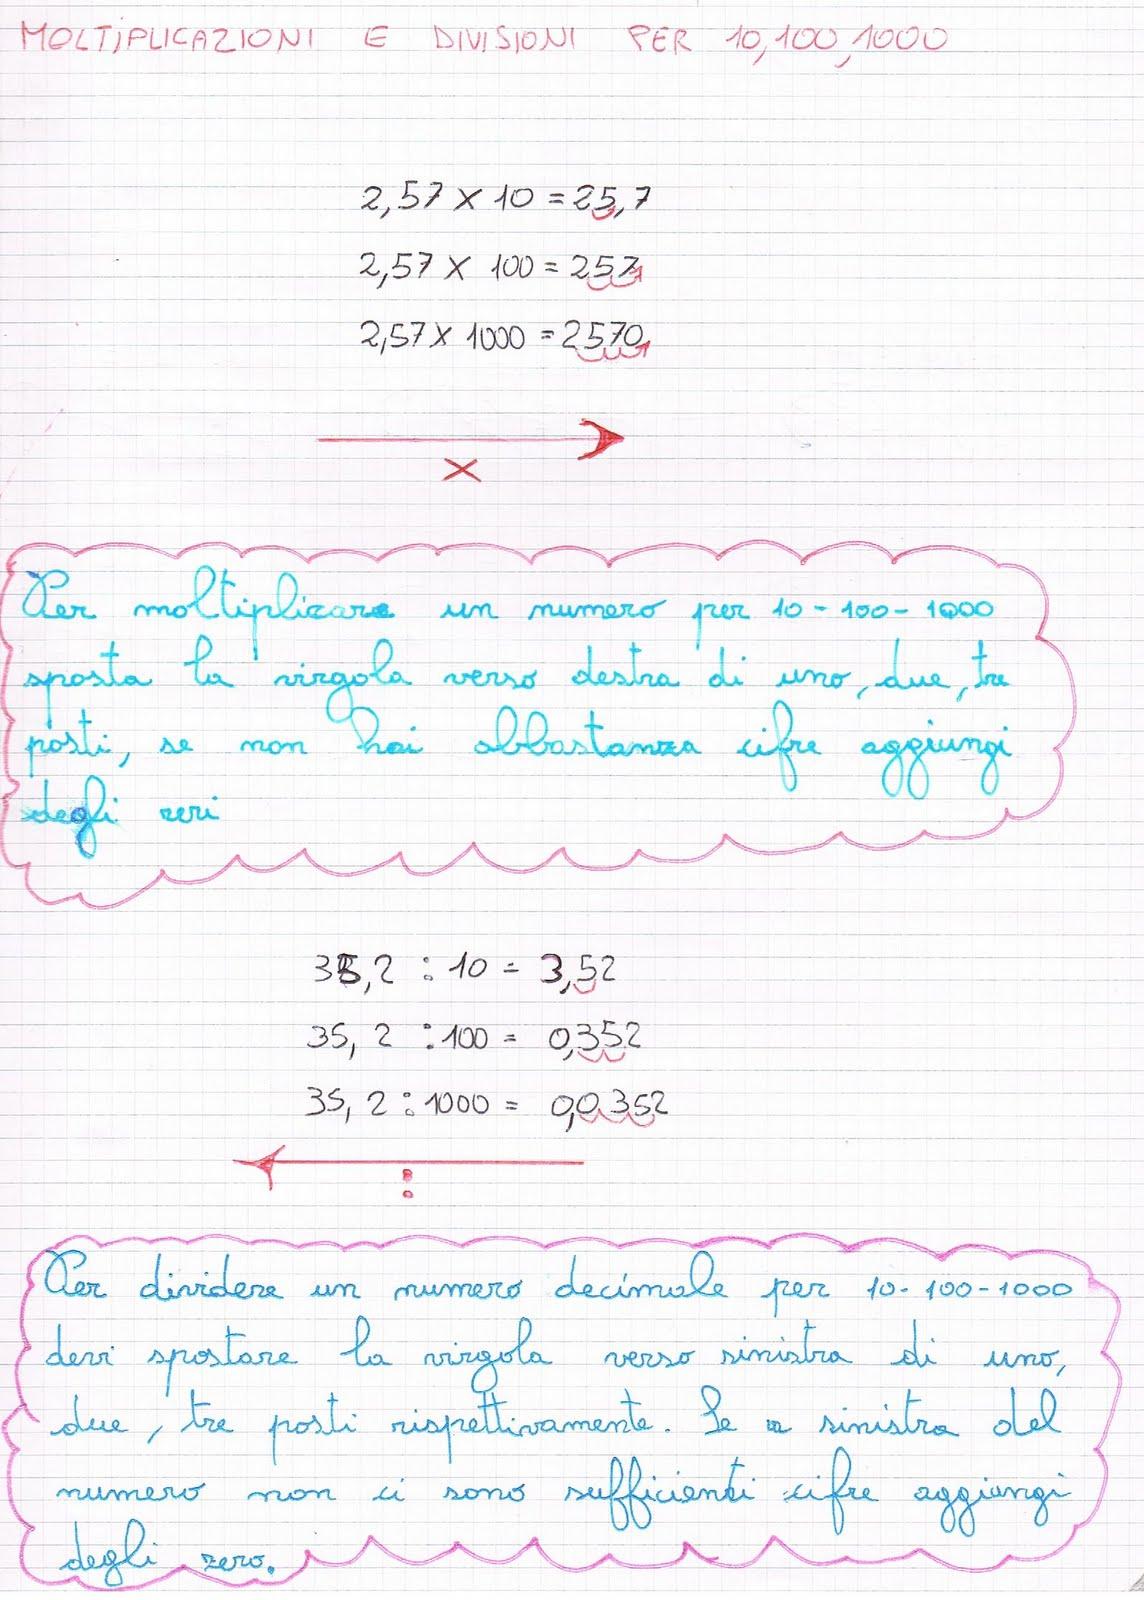 abbastanza Moltiplicazioni e divisioni per 10, 100, 1000 IA84